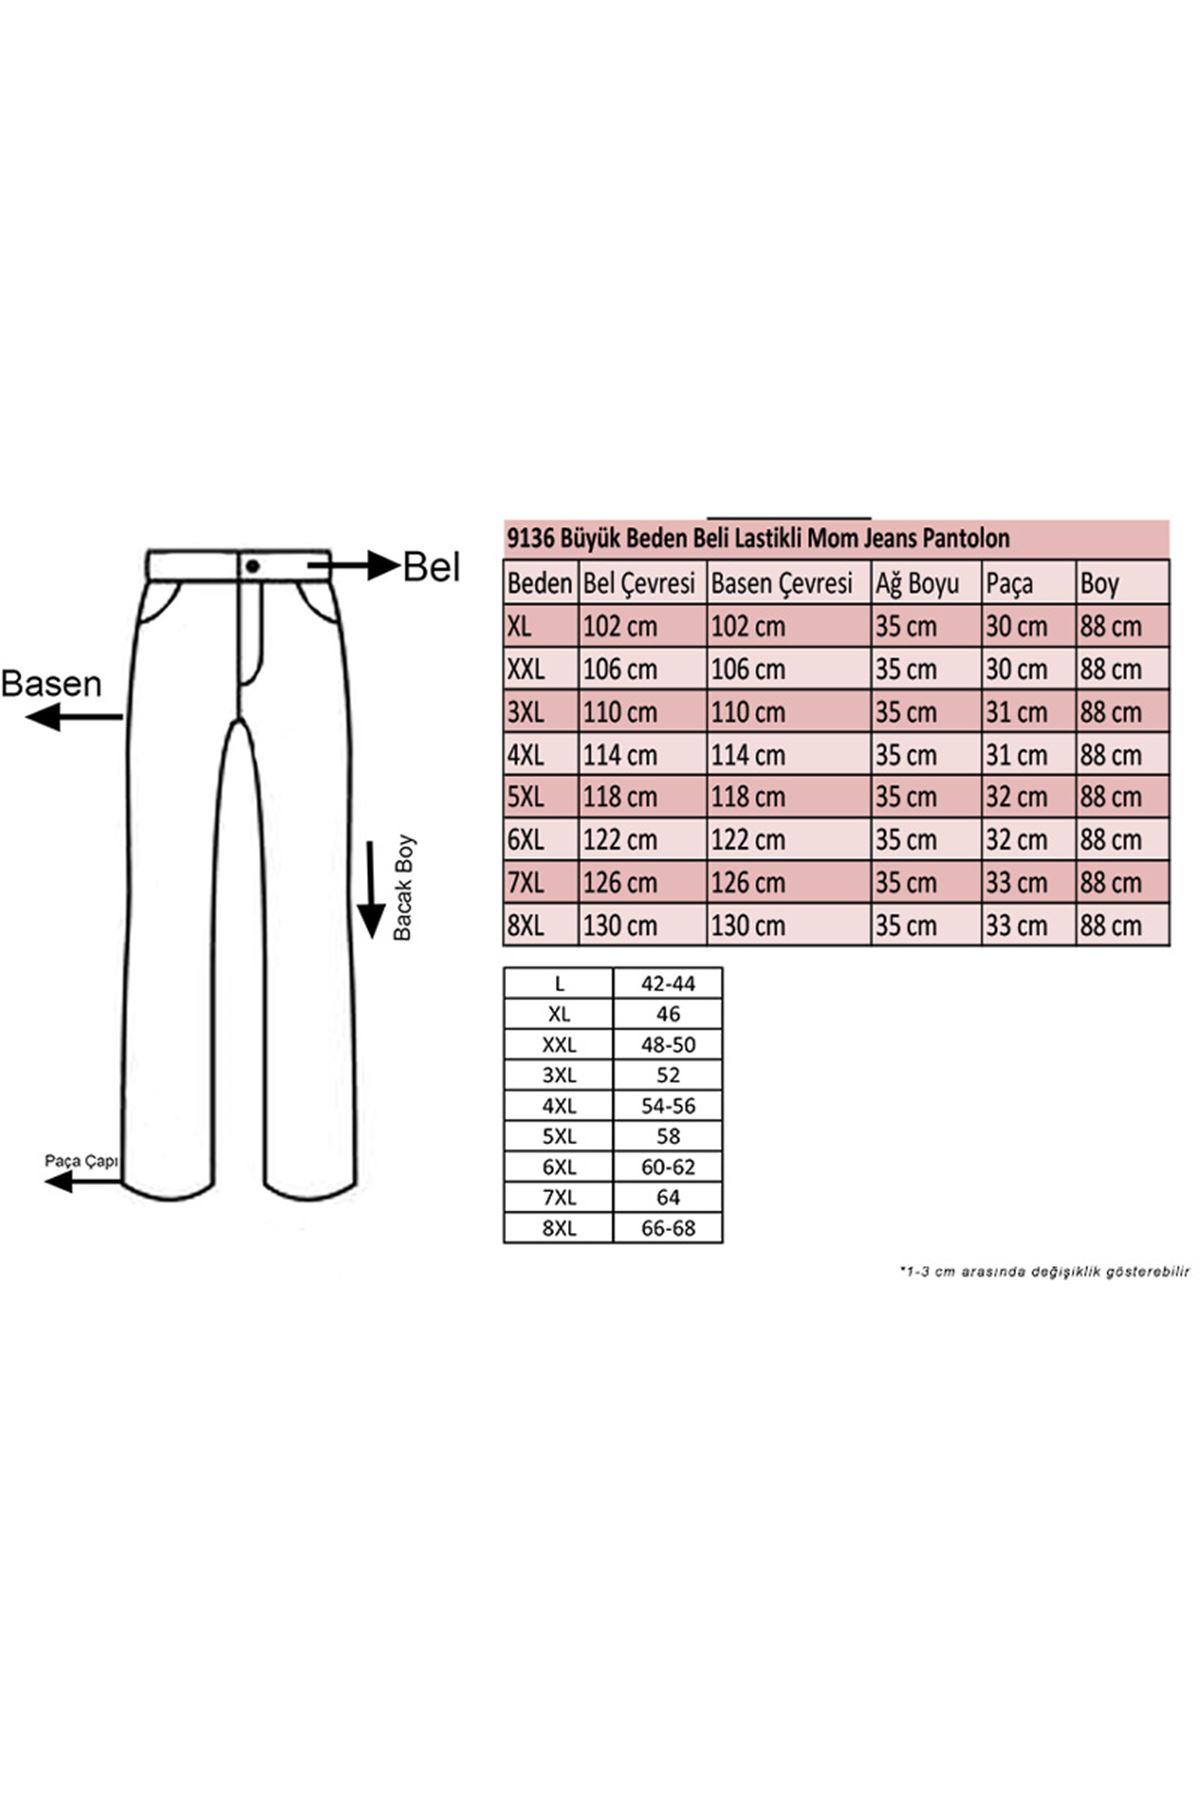 9136 Büyük Beden Beli Lastikli Mom Jeans Pantolon Koyu Lacivert - Saks